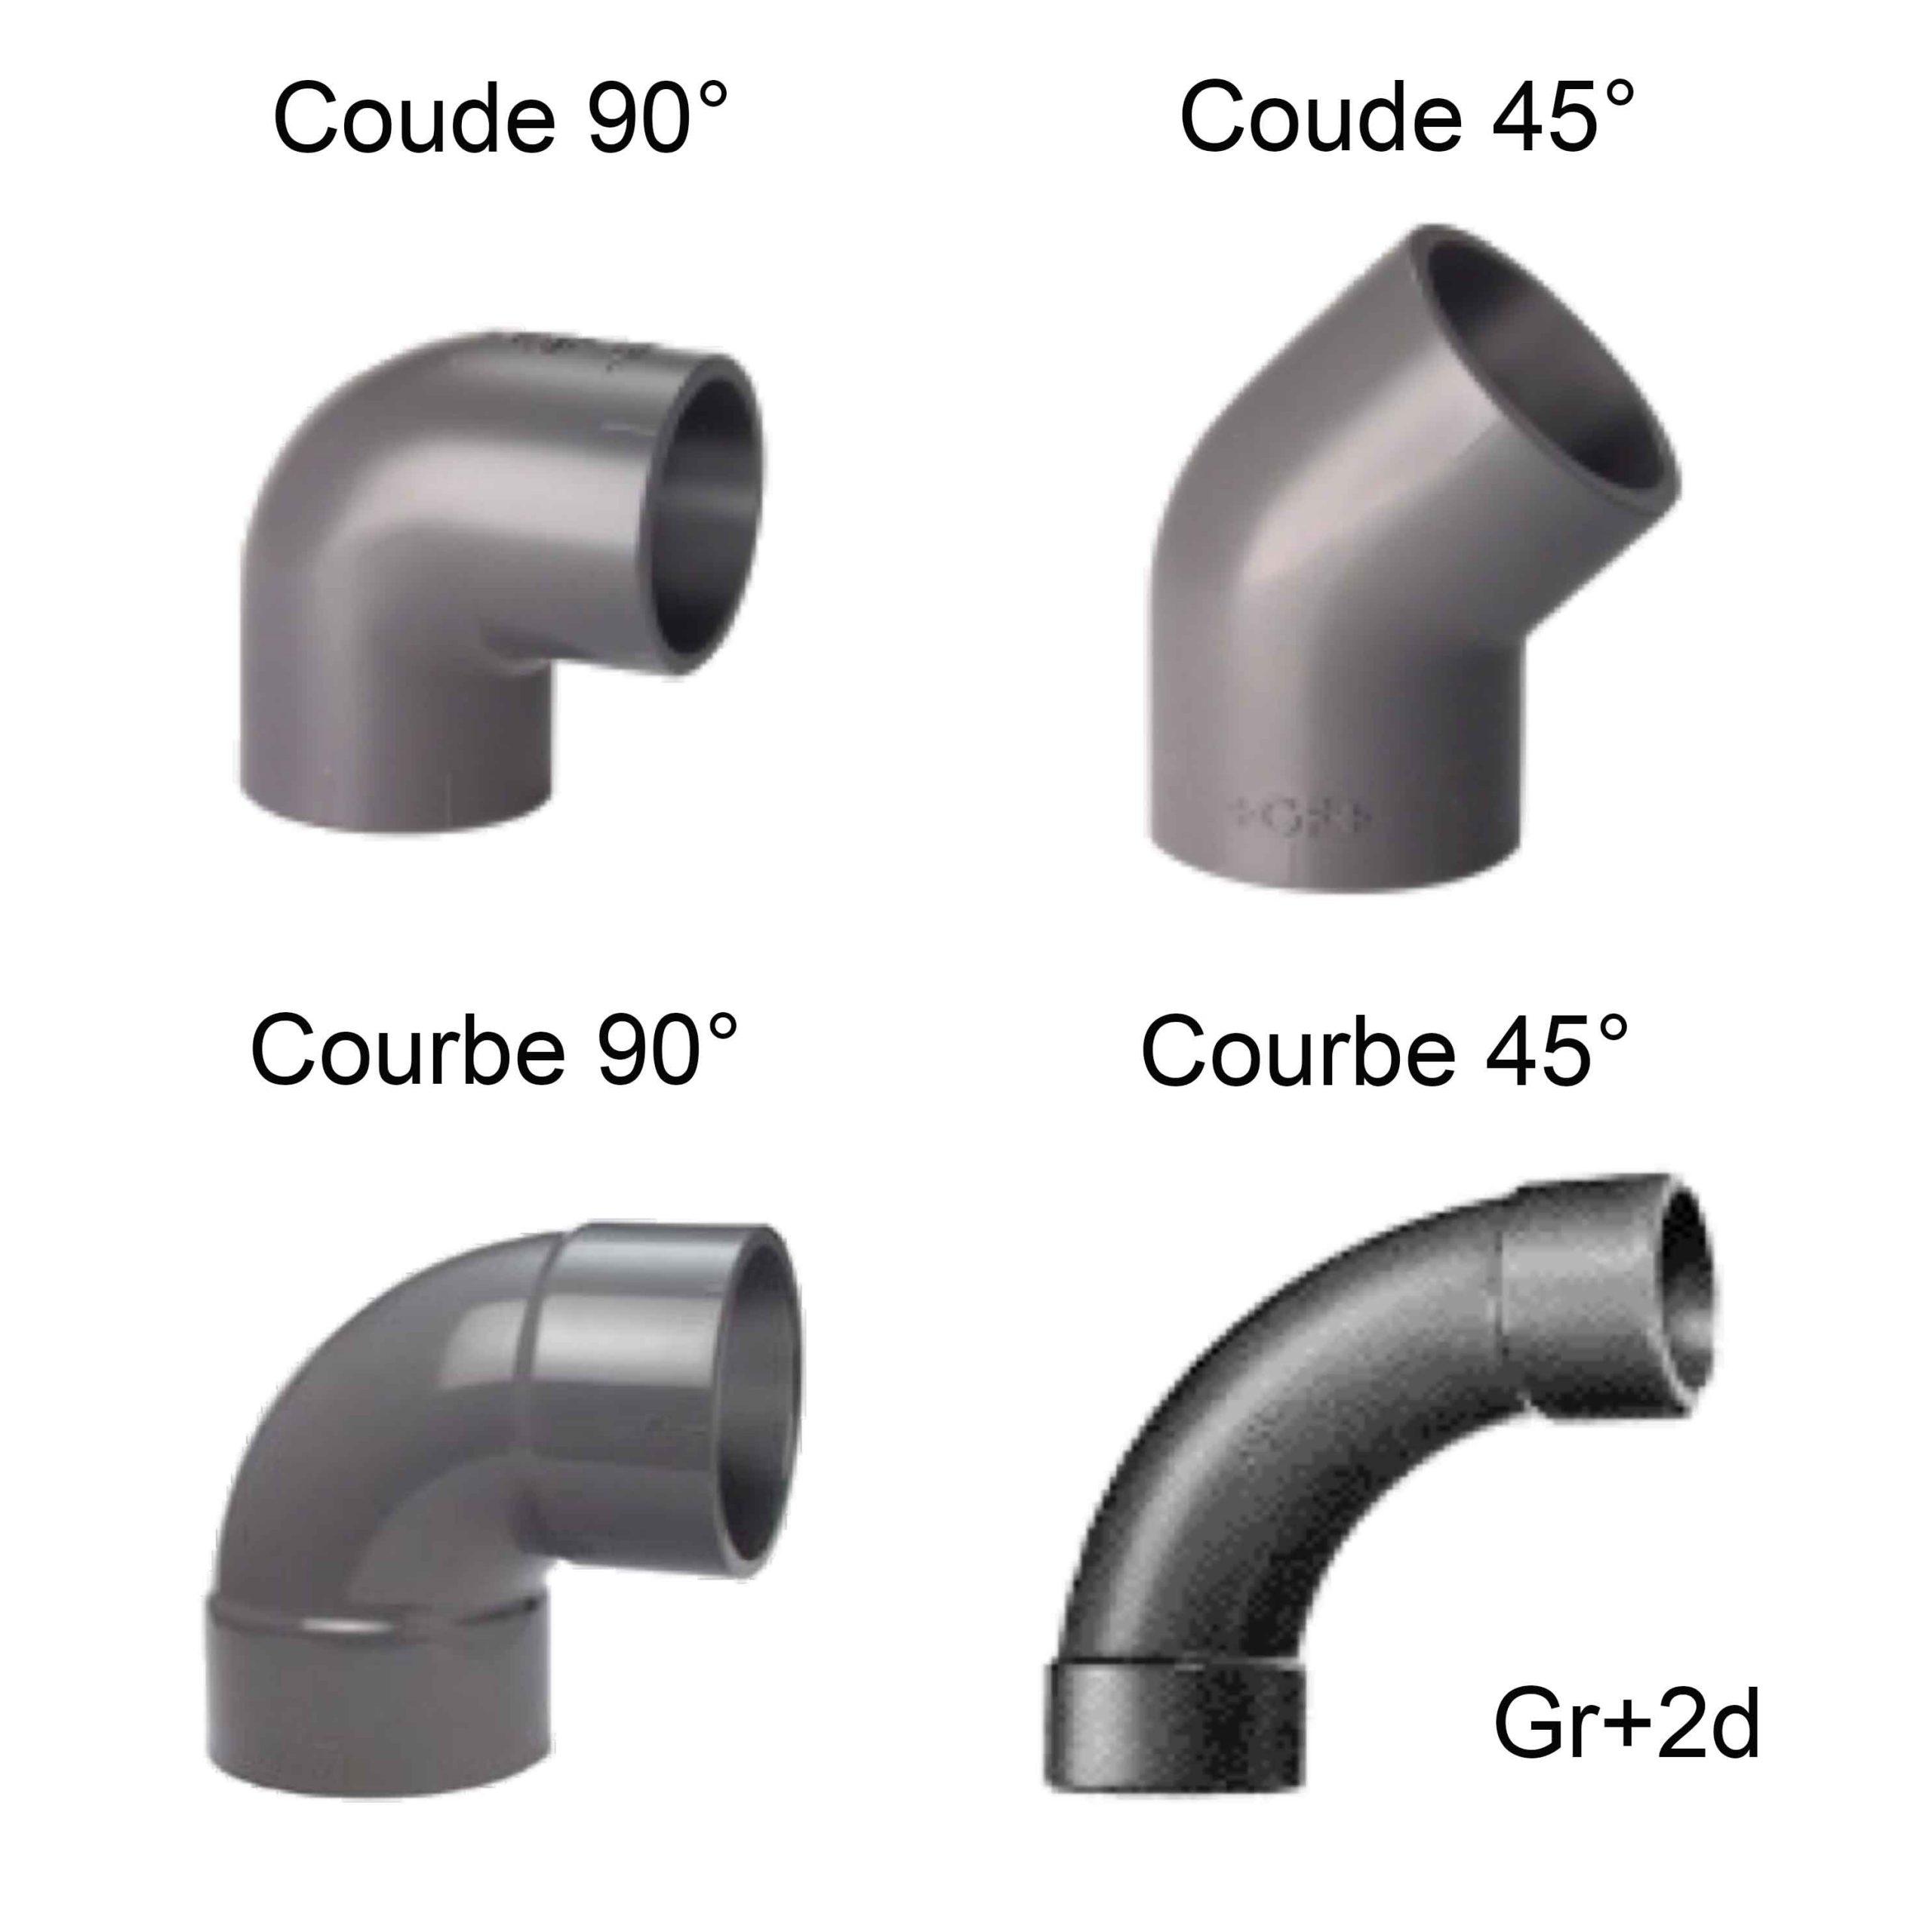 COUDES_COURBES_RACCORDS_PVC_PRESSION_GRIS_FONCE_A_COLLER_REF_5825_BSB_CAOUTCHOUCS_PLASTIQUES